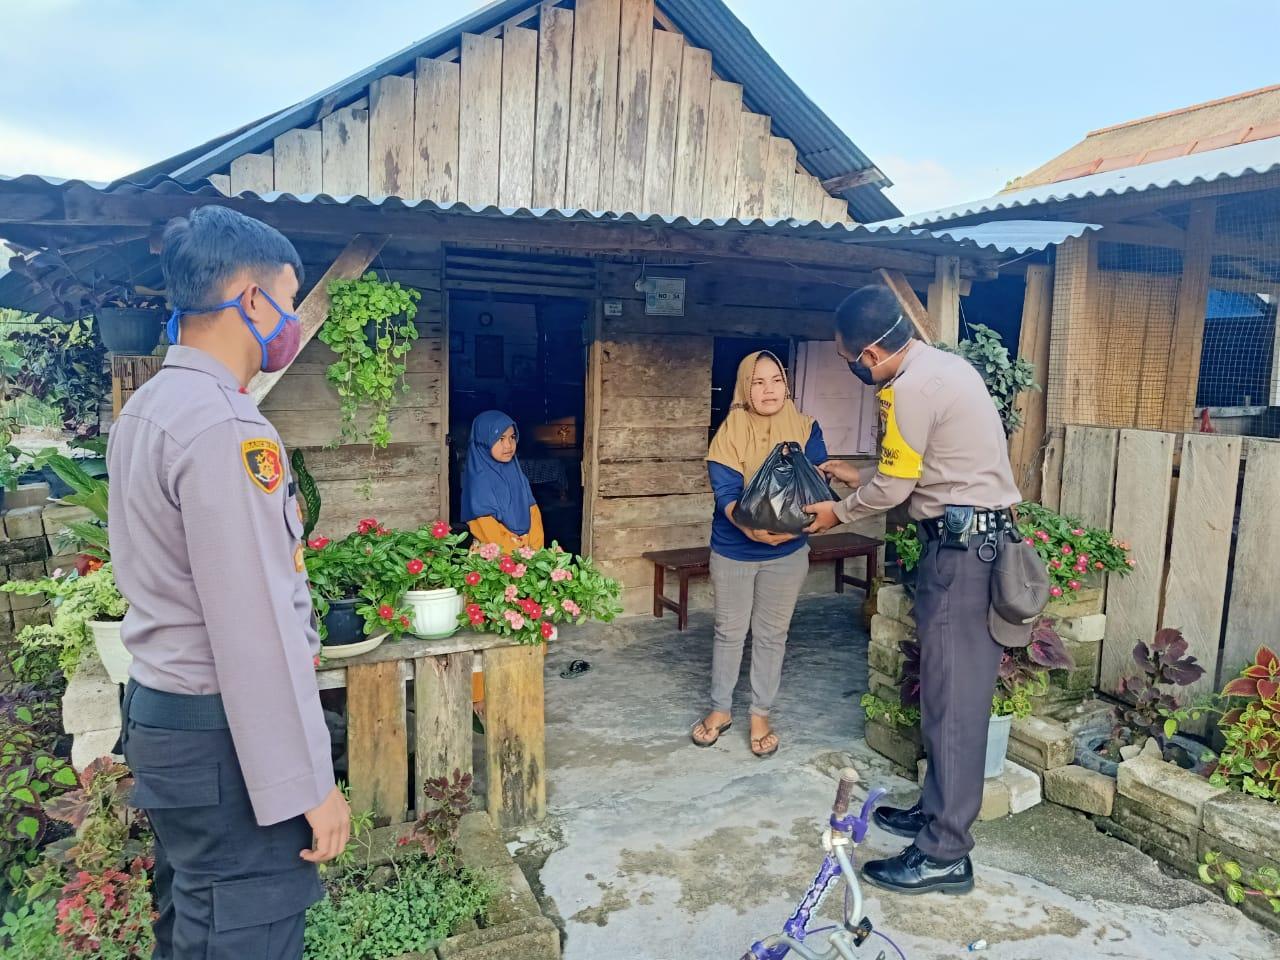 Melalui Polsek Lubuk Besar, Polda Babel Salurkan Bantuan Sosial Kepada Warga Dusun Sadap